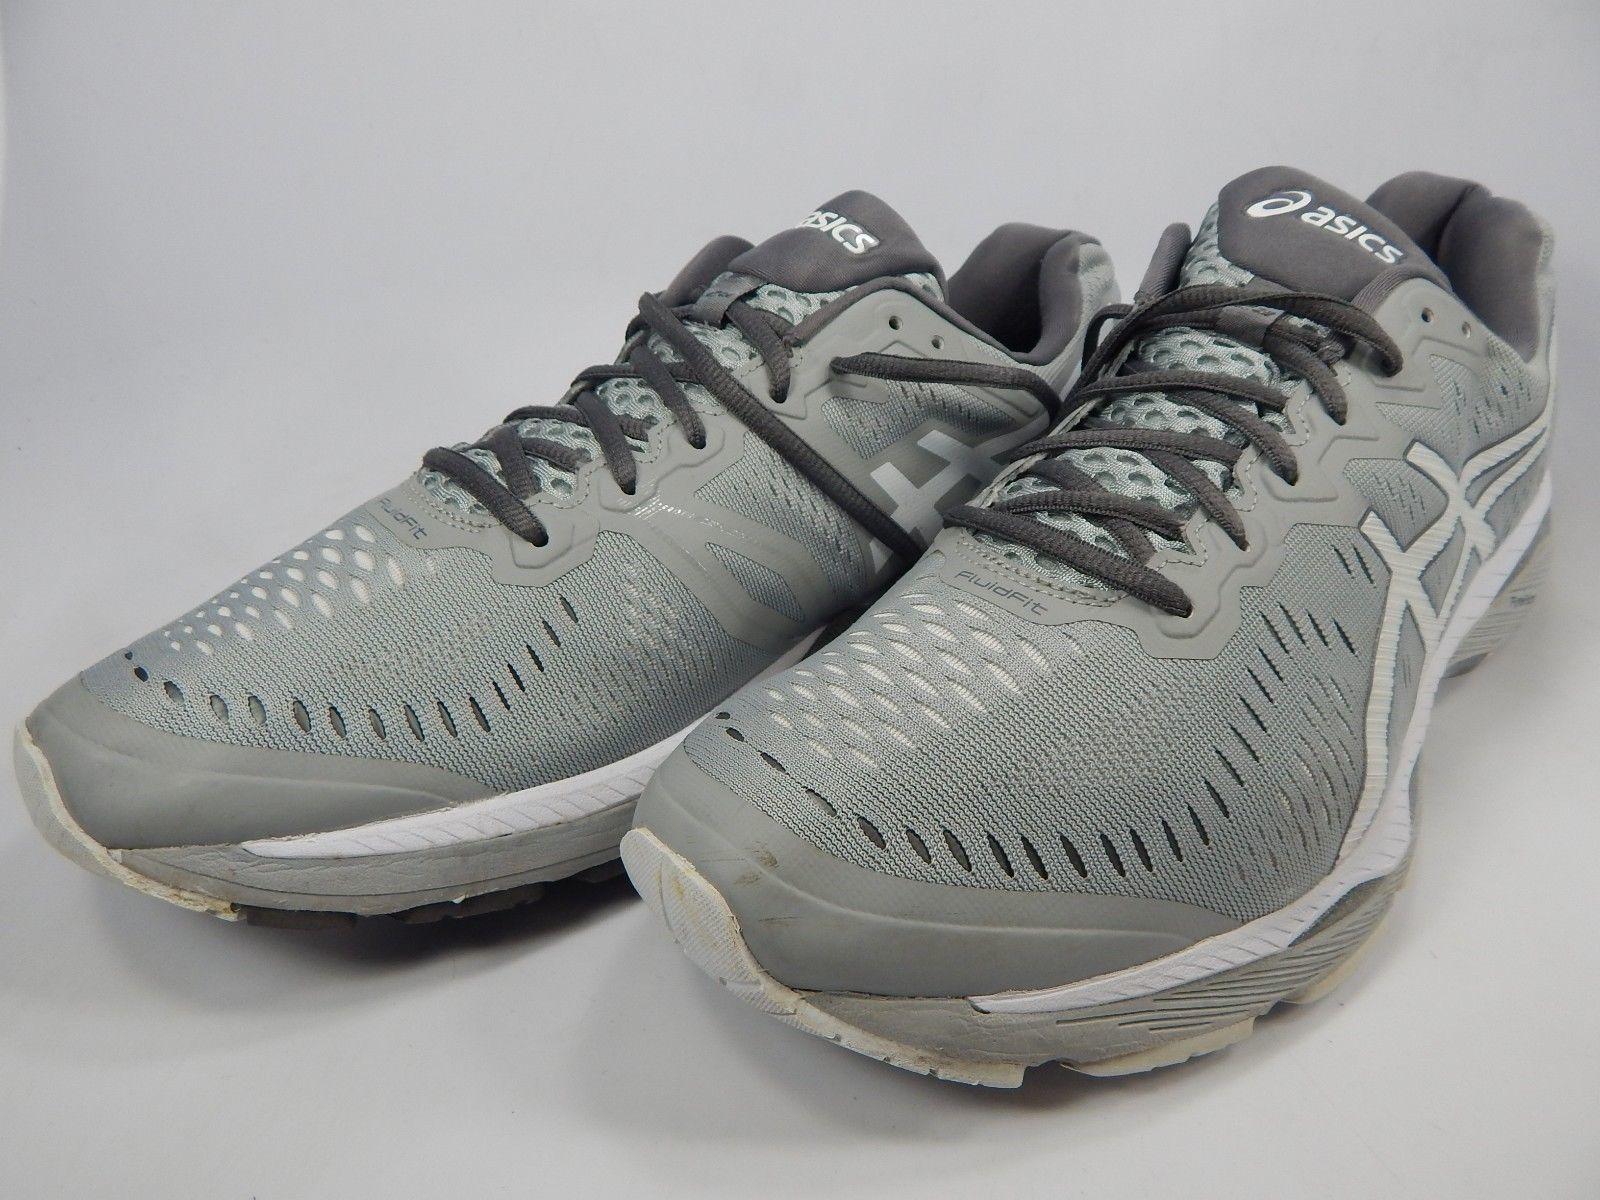 Asics Gel Kayano 23 Size US 14 M (D) EU 49 Men's Running Shoes Gray White T646N